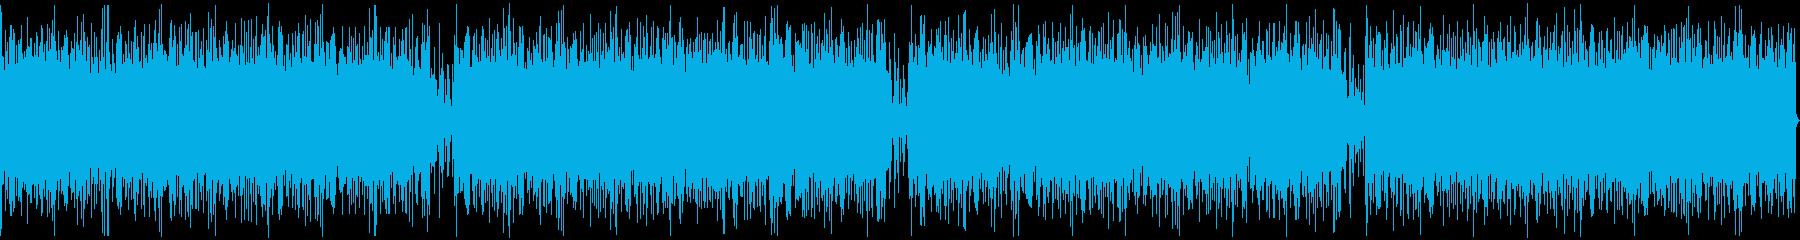 シネマティックトレーラー風の緊迫感ある曲の再生済みの波形